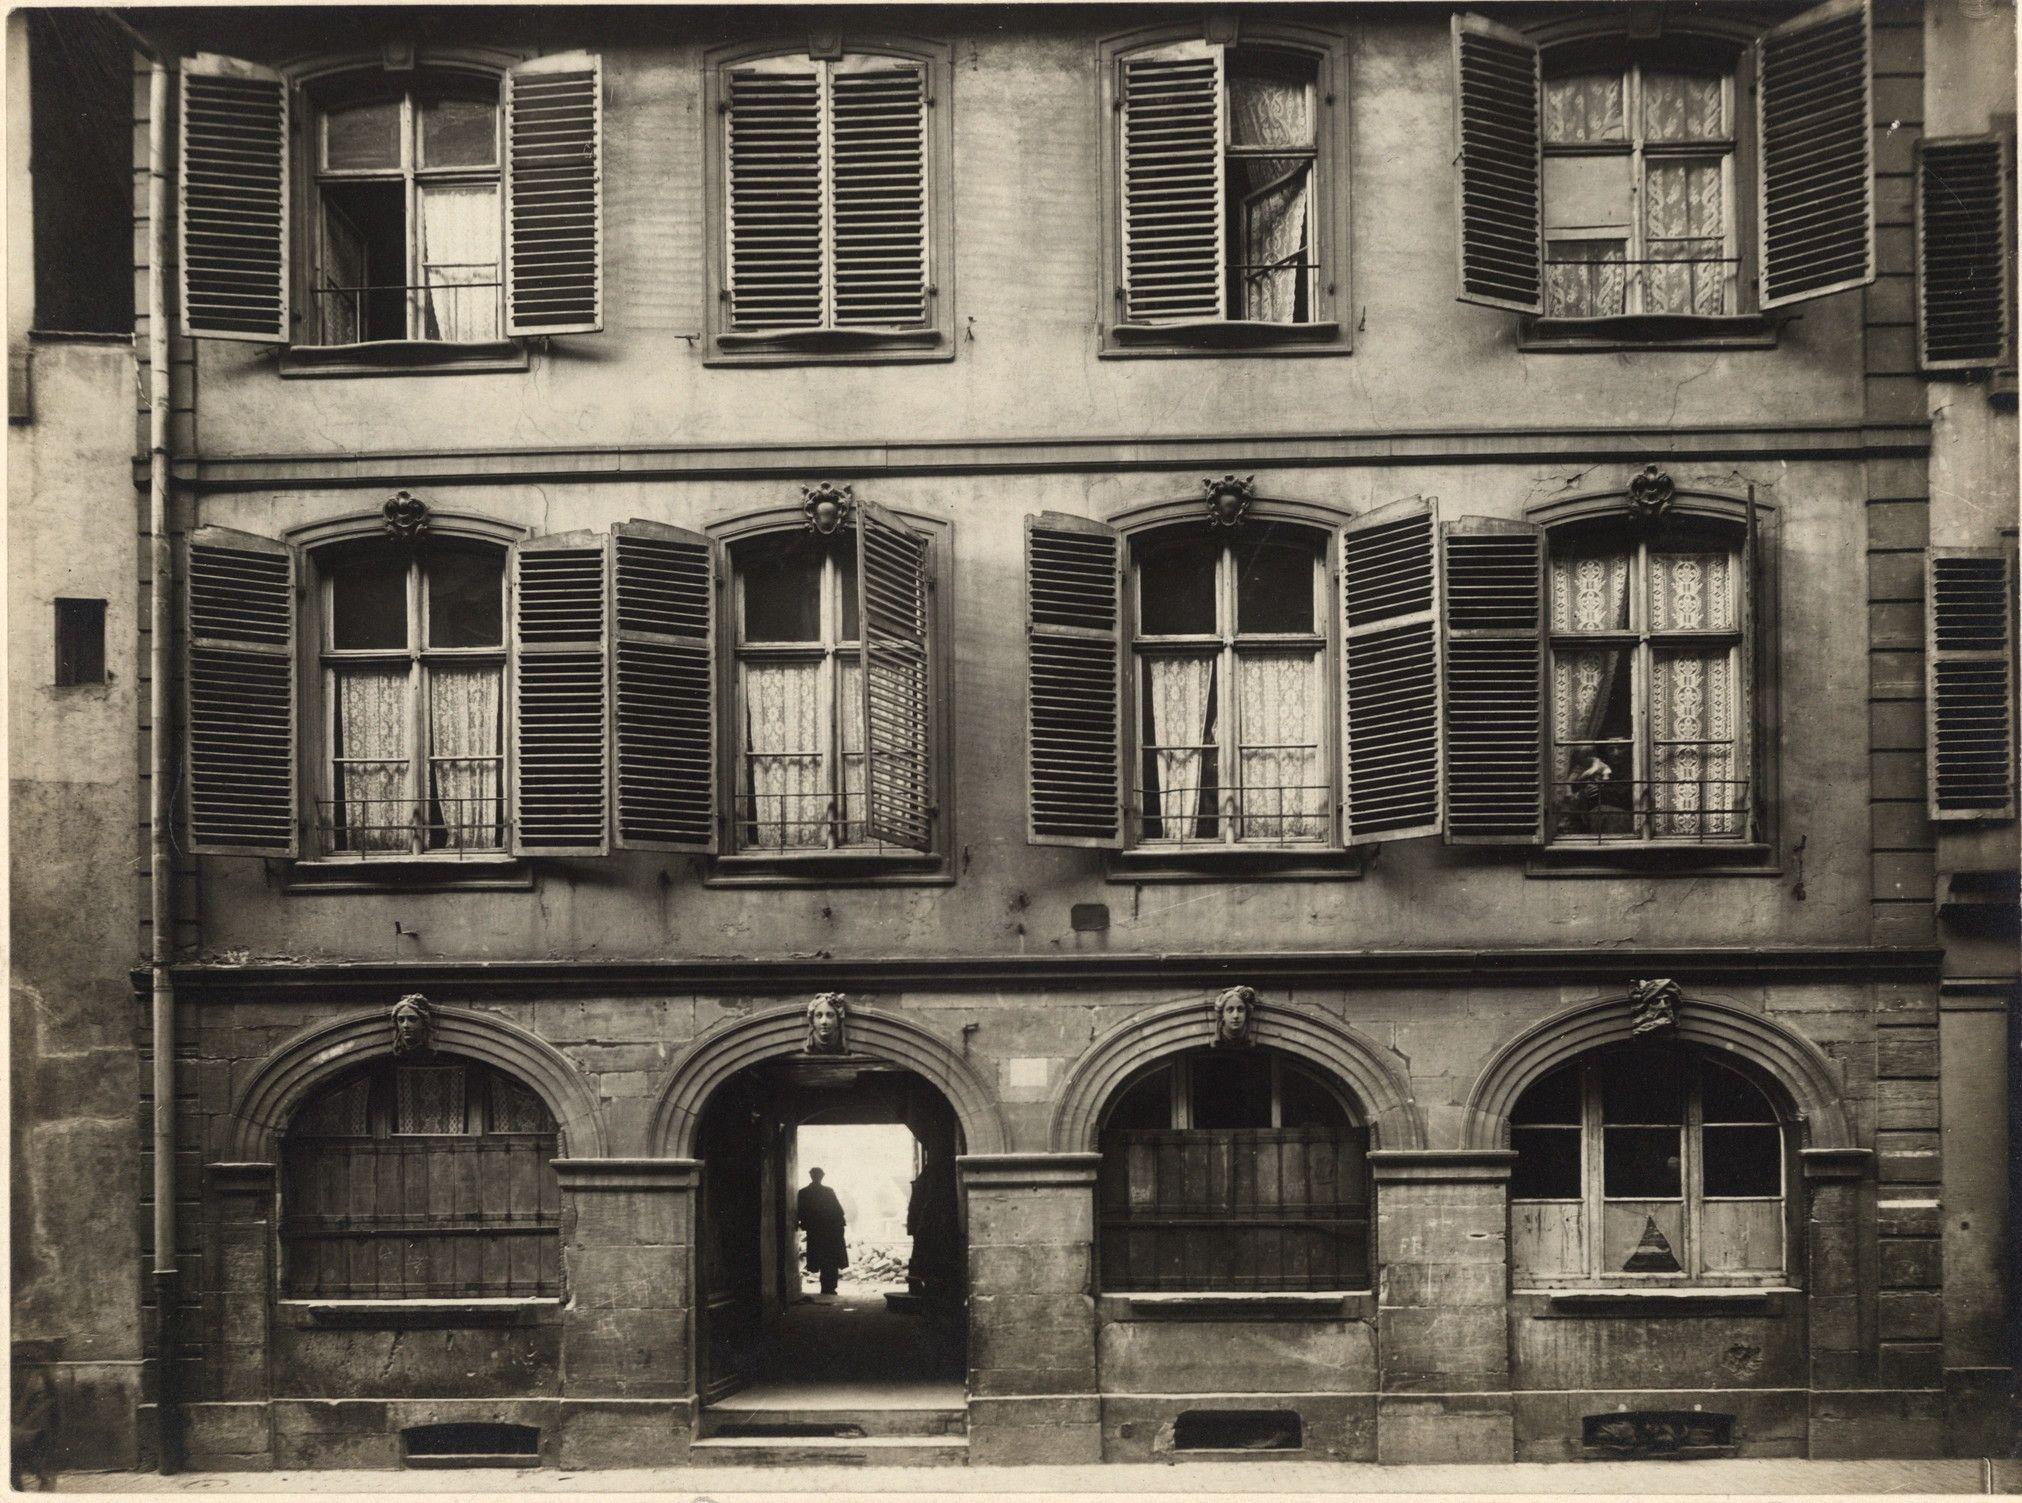 New Alinea Strasbourg  Idées pour la maison, Maison